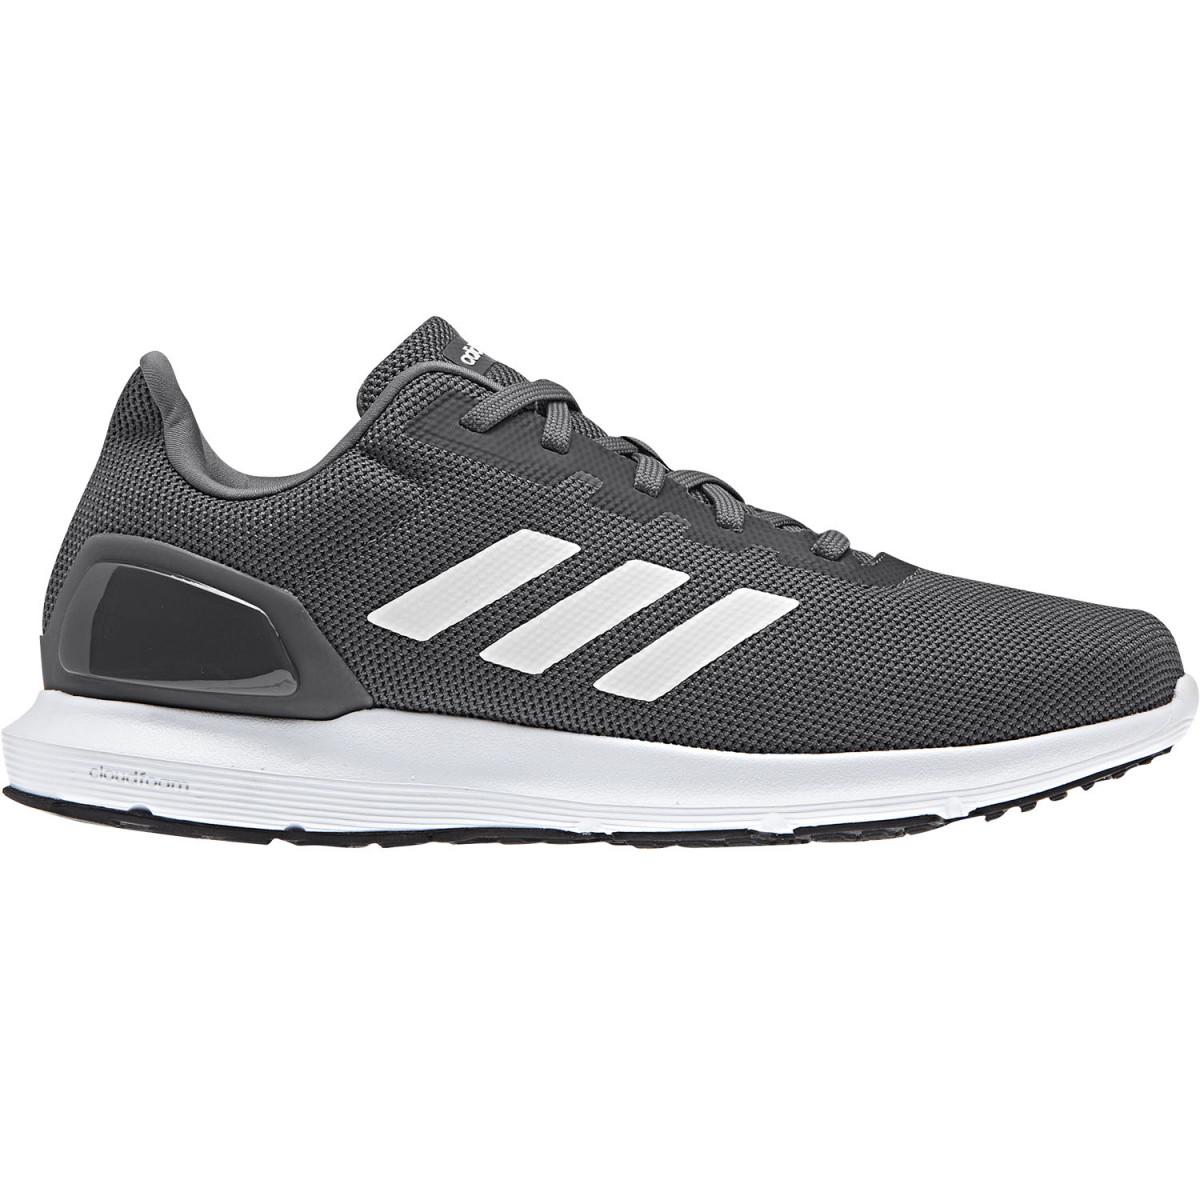 Zapatillas Adidas Cosmic 2